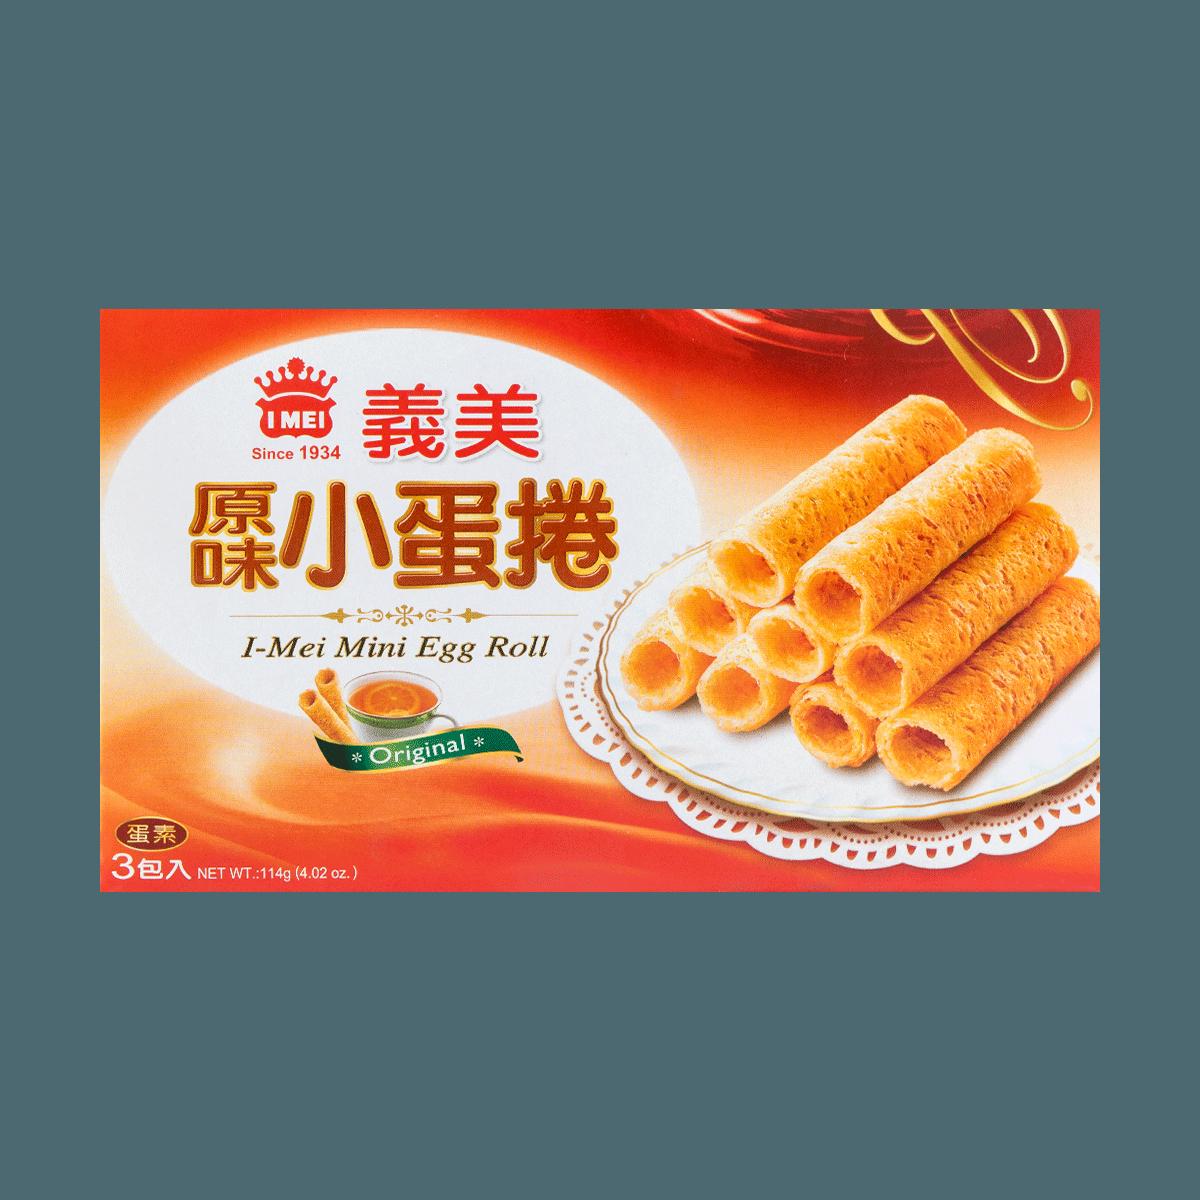 台湾IMEI义美 小蛋卷 原味 3包入 114g 怎么样 - 亚米网